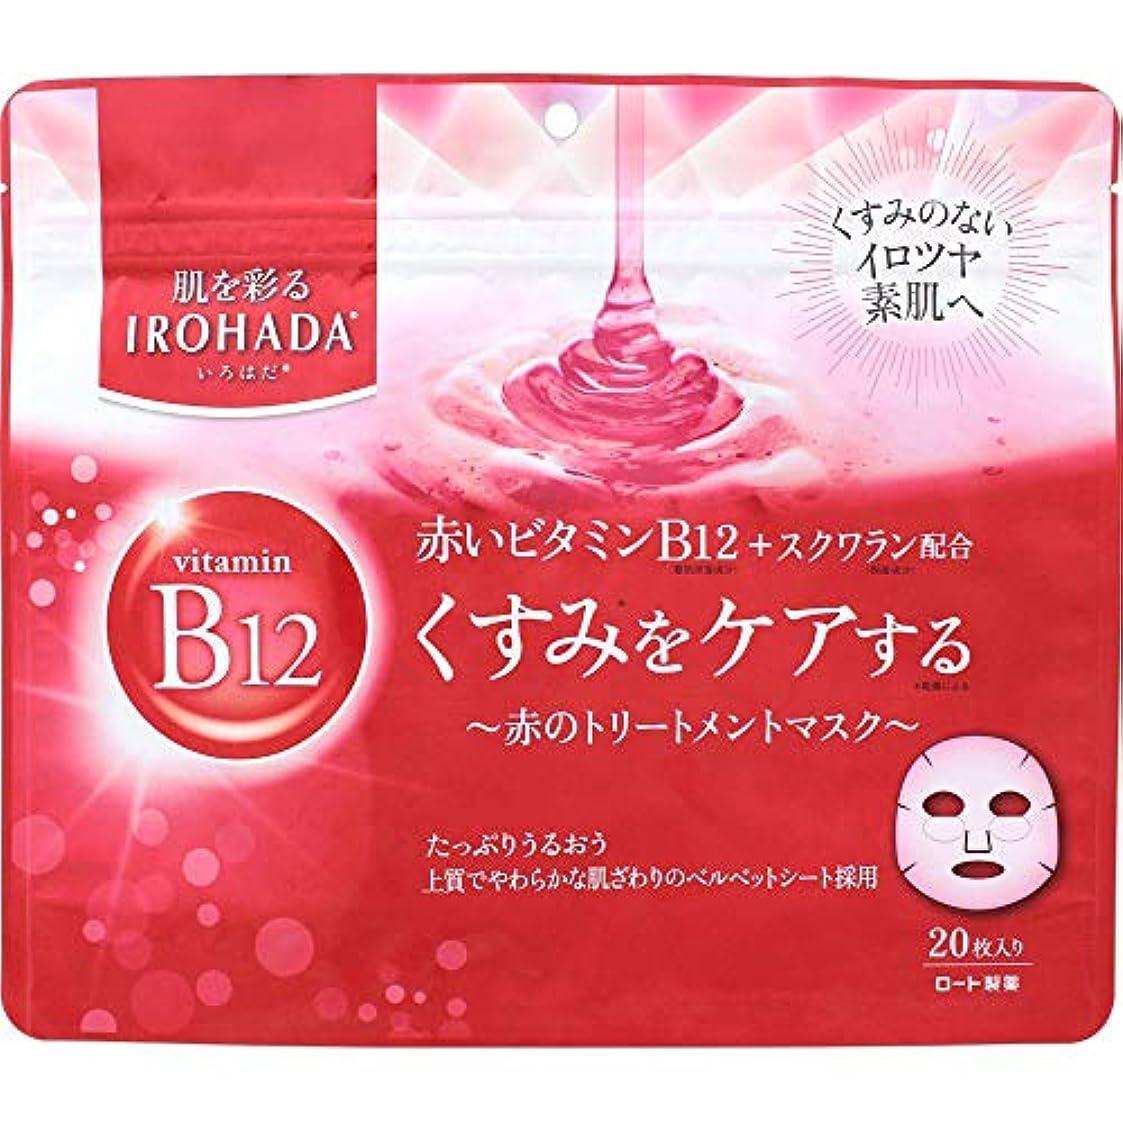 コンバーチブル怒りあさり【3袋セット】 ロート製薬 いろはだ (IROHADA) 赤いビタミンB12×スクワラン配合 トリートメントマスク 20枚入り × 3袋